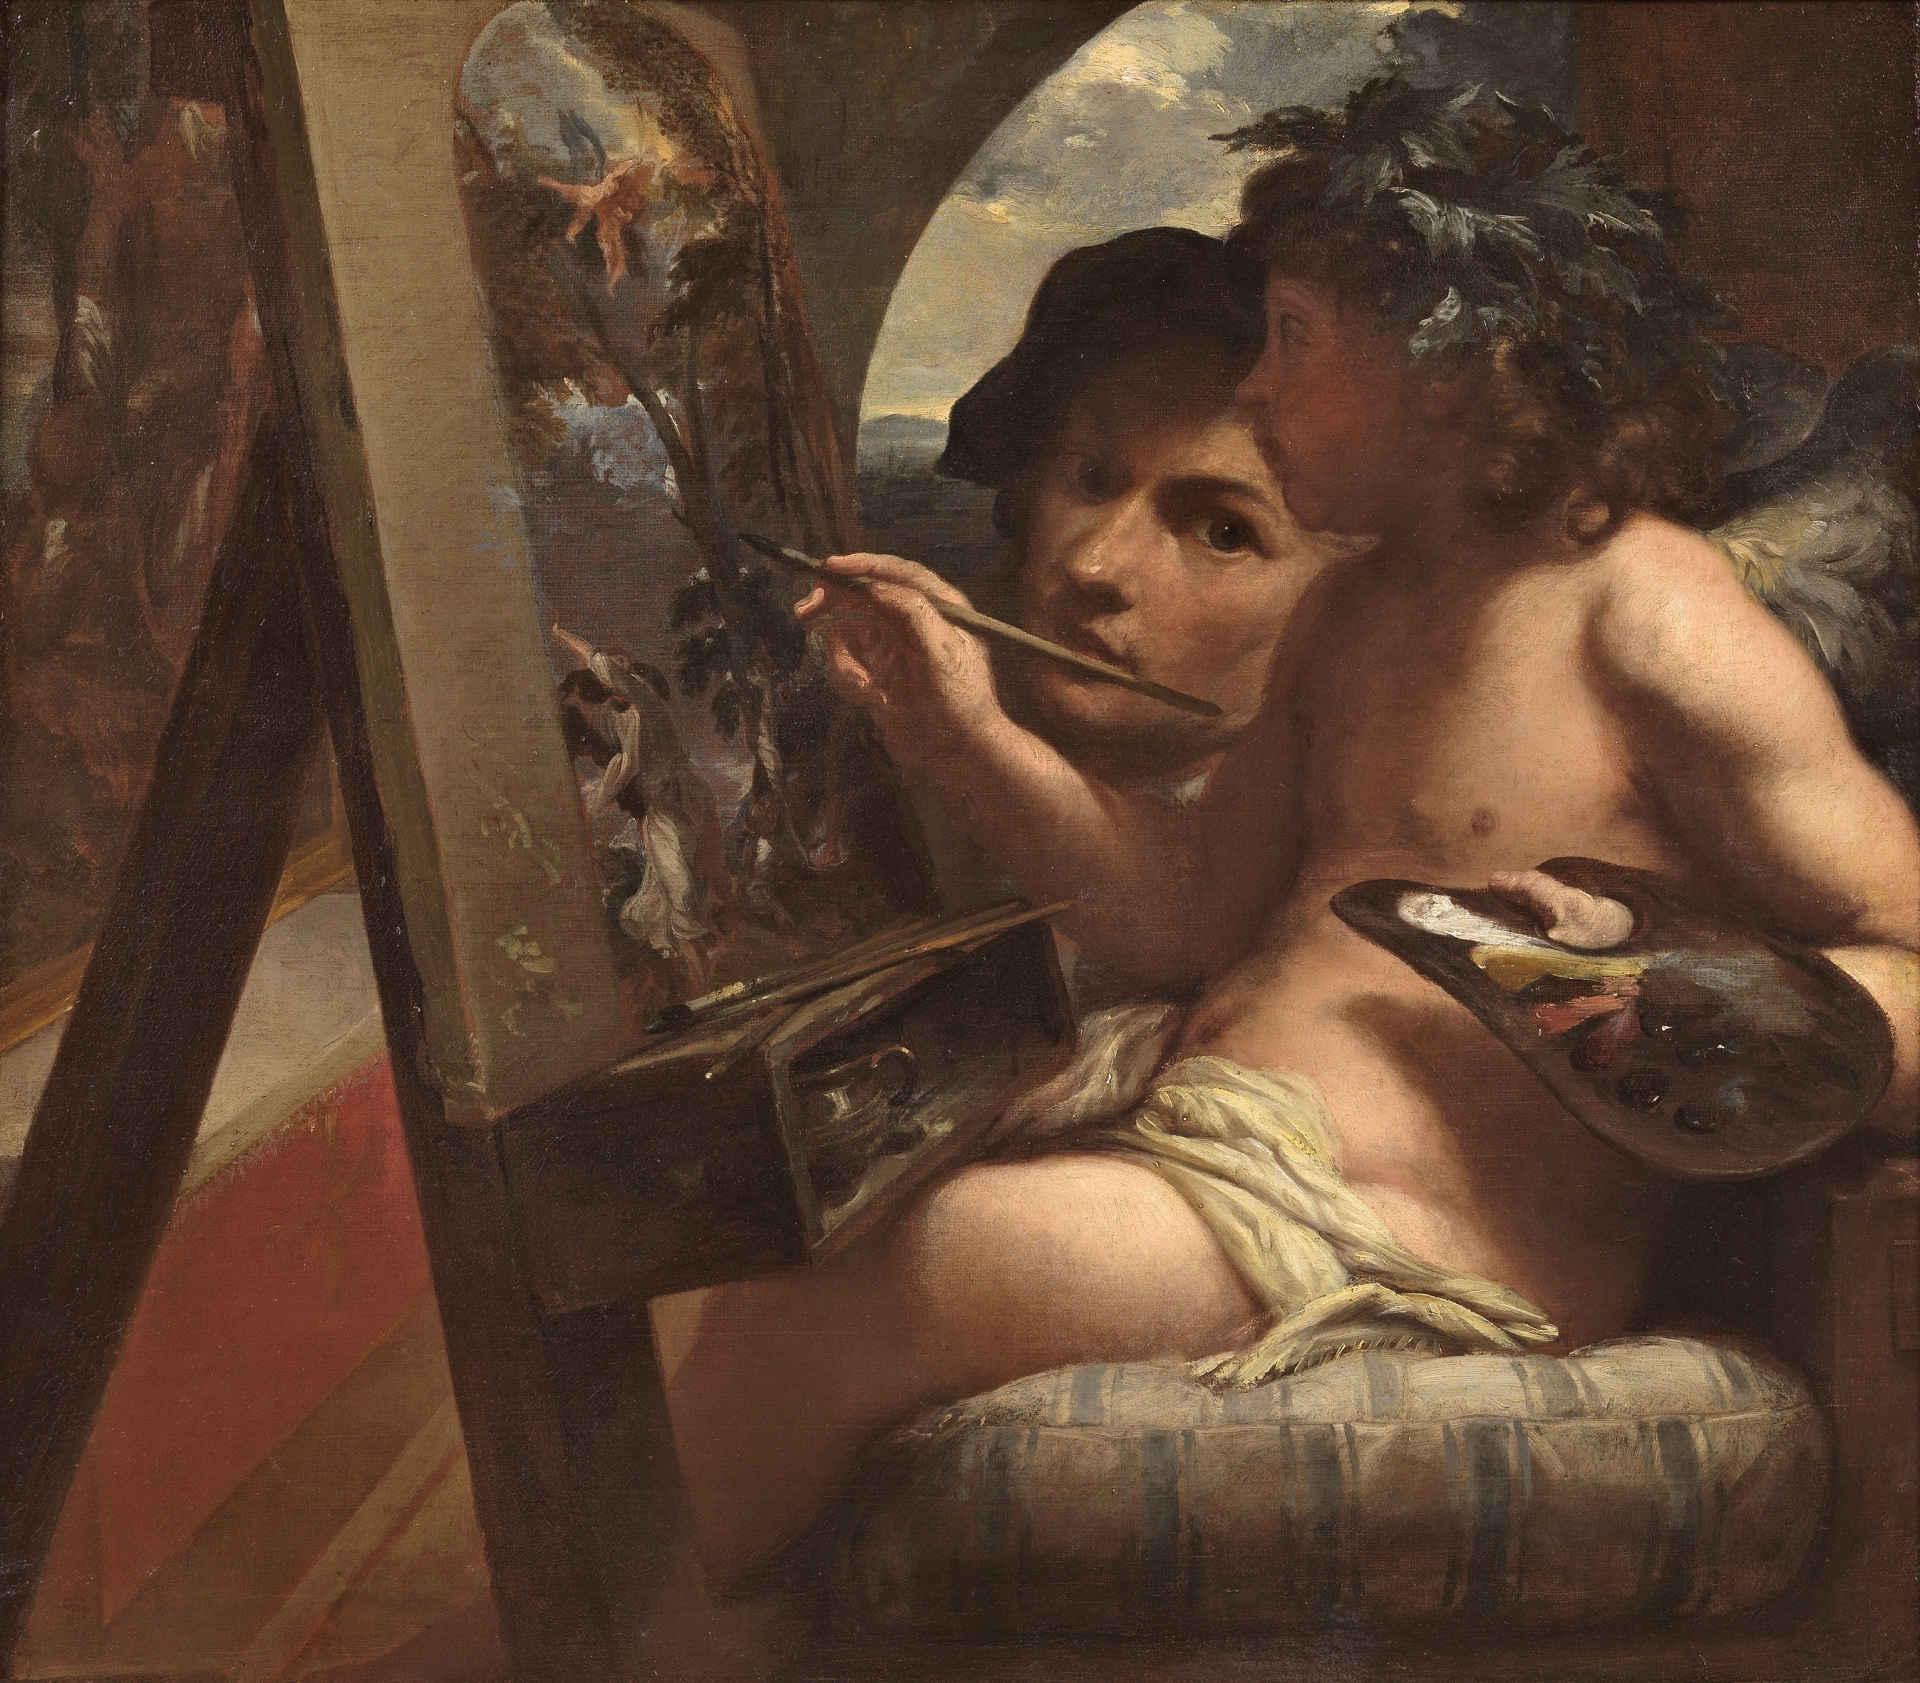 Livio Mehus Le genie de la peinture vers 1650 Prado Madrid